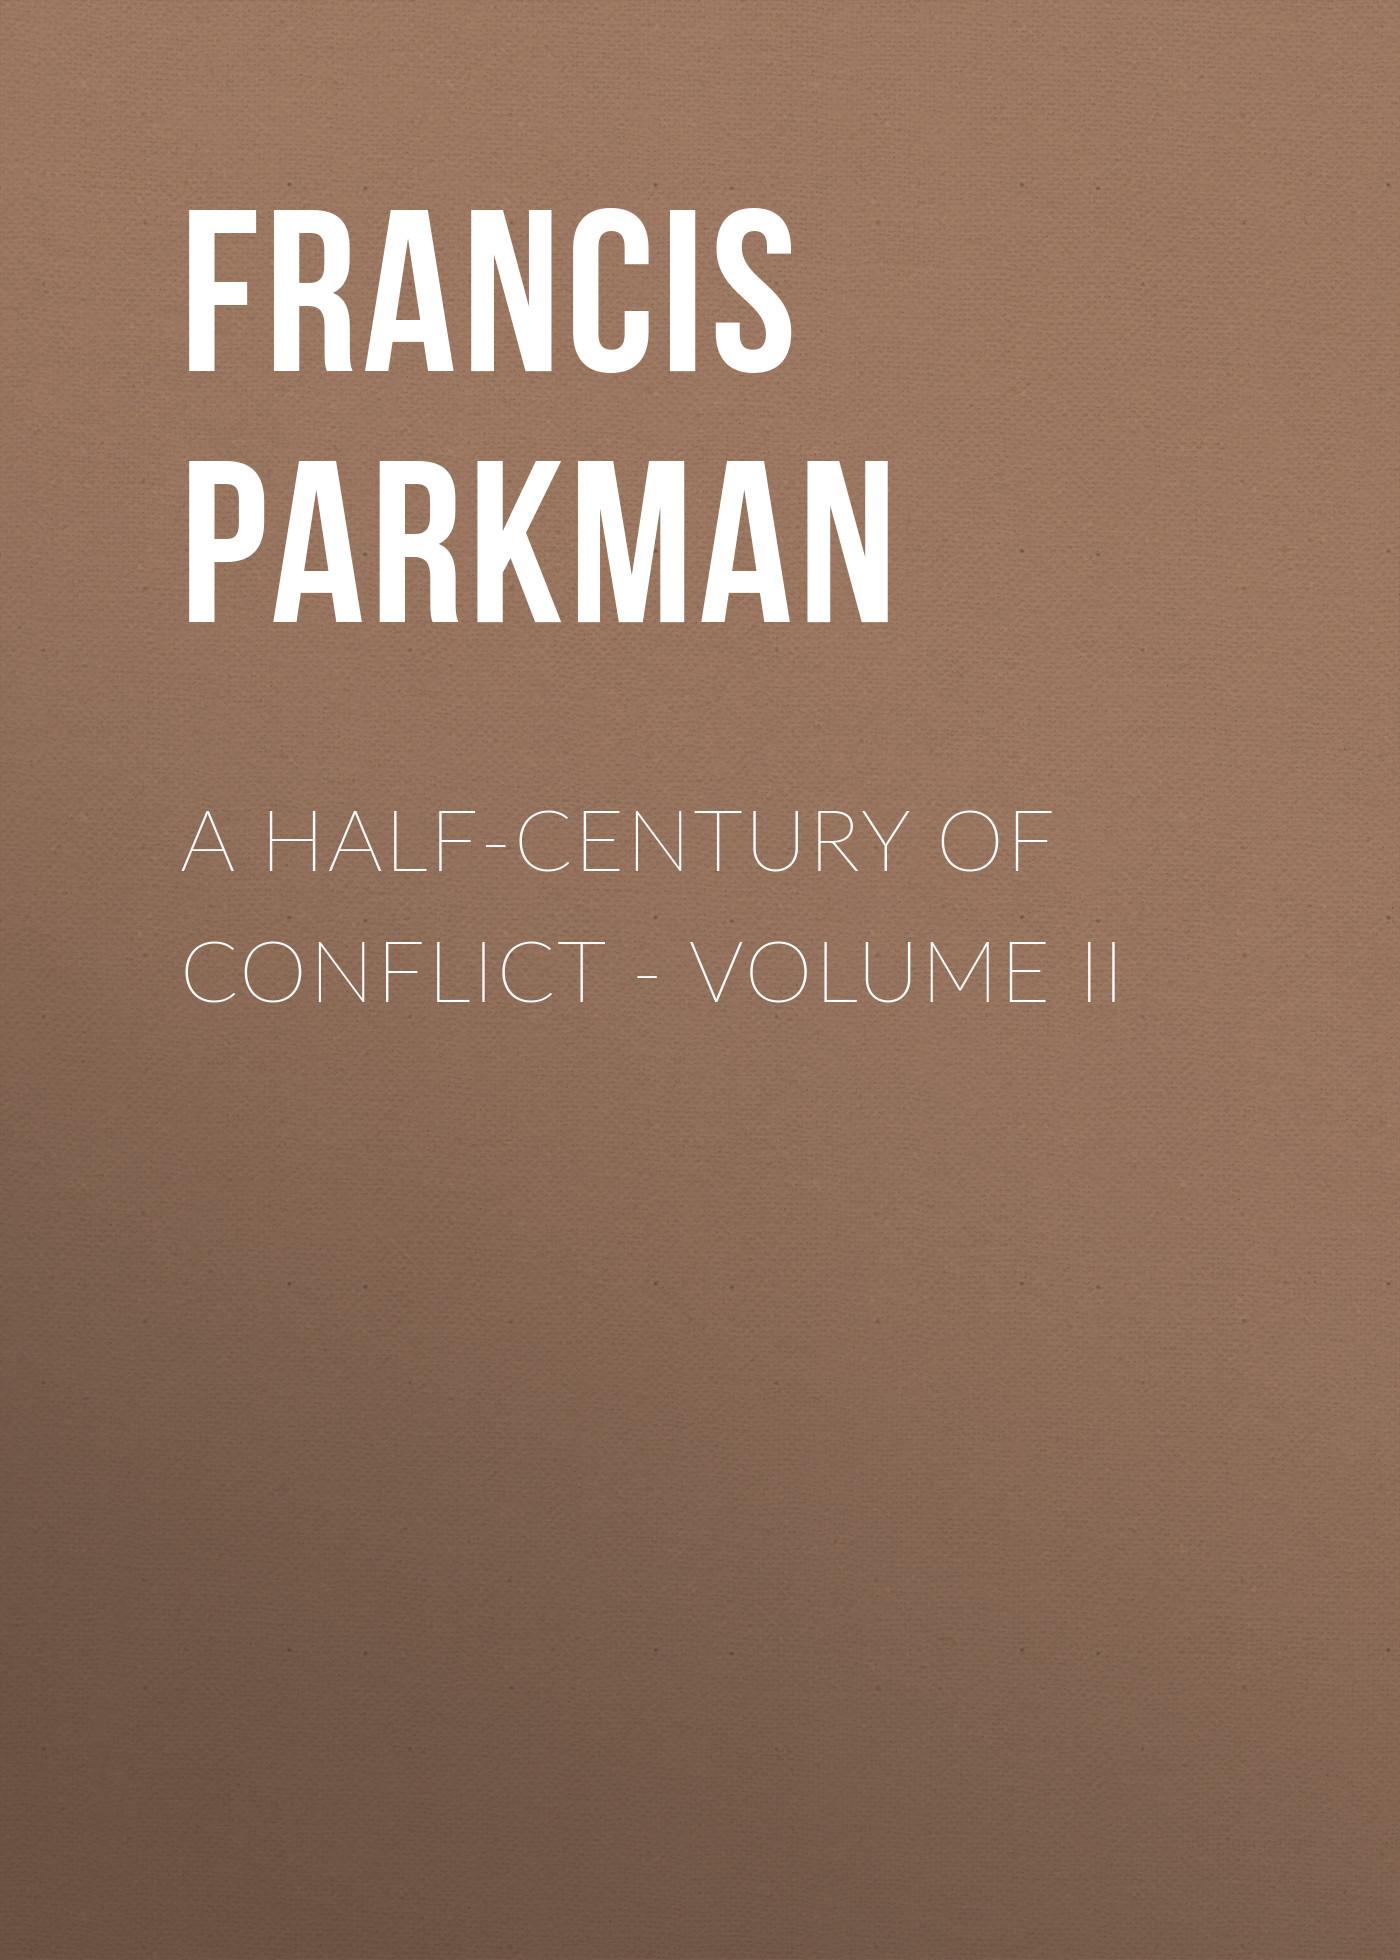 цены на Francis Parkman A Half-Century of Conflict - Volume II  в интернет-магазинах